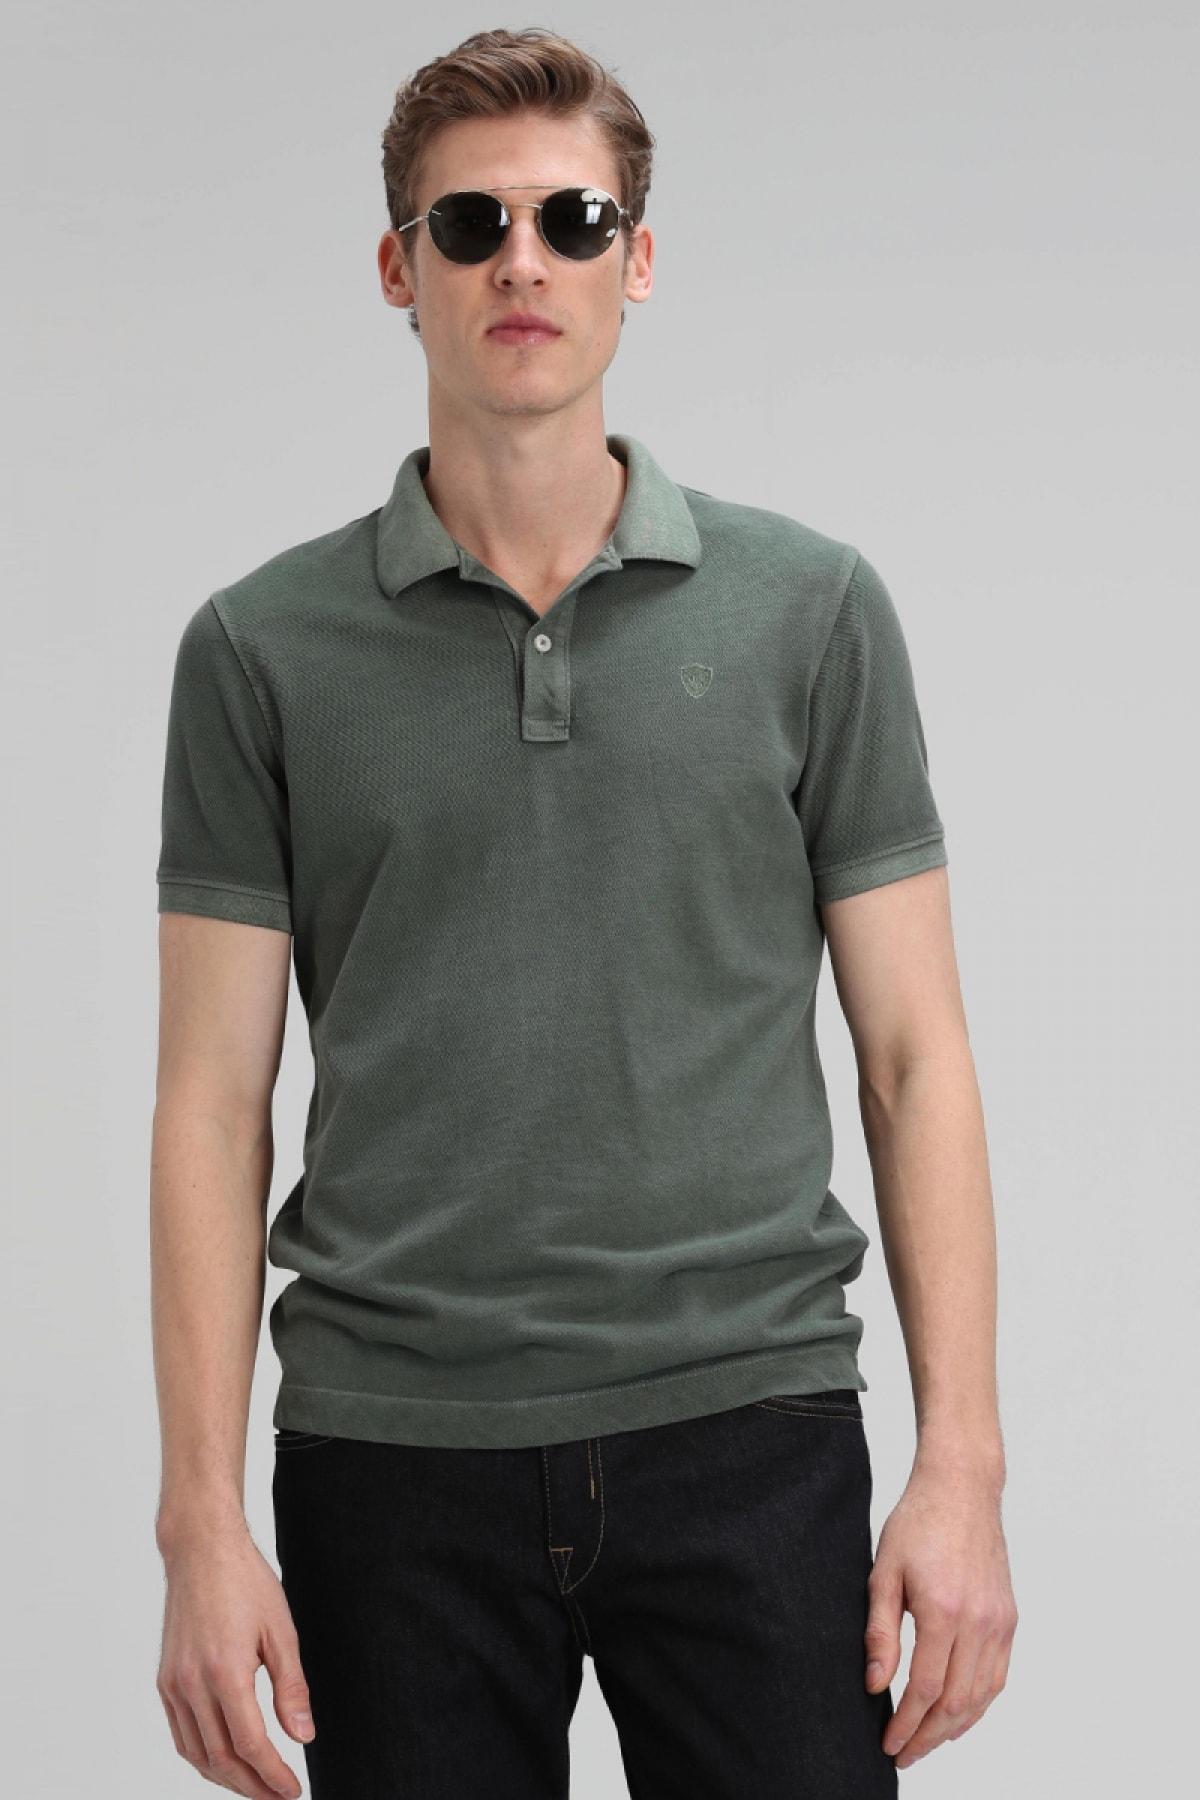 Lufian Vernon Spor Polo T- Shirt